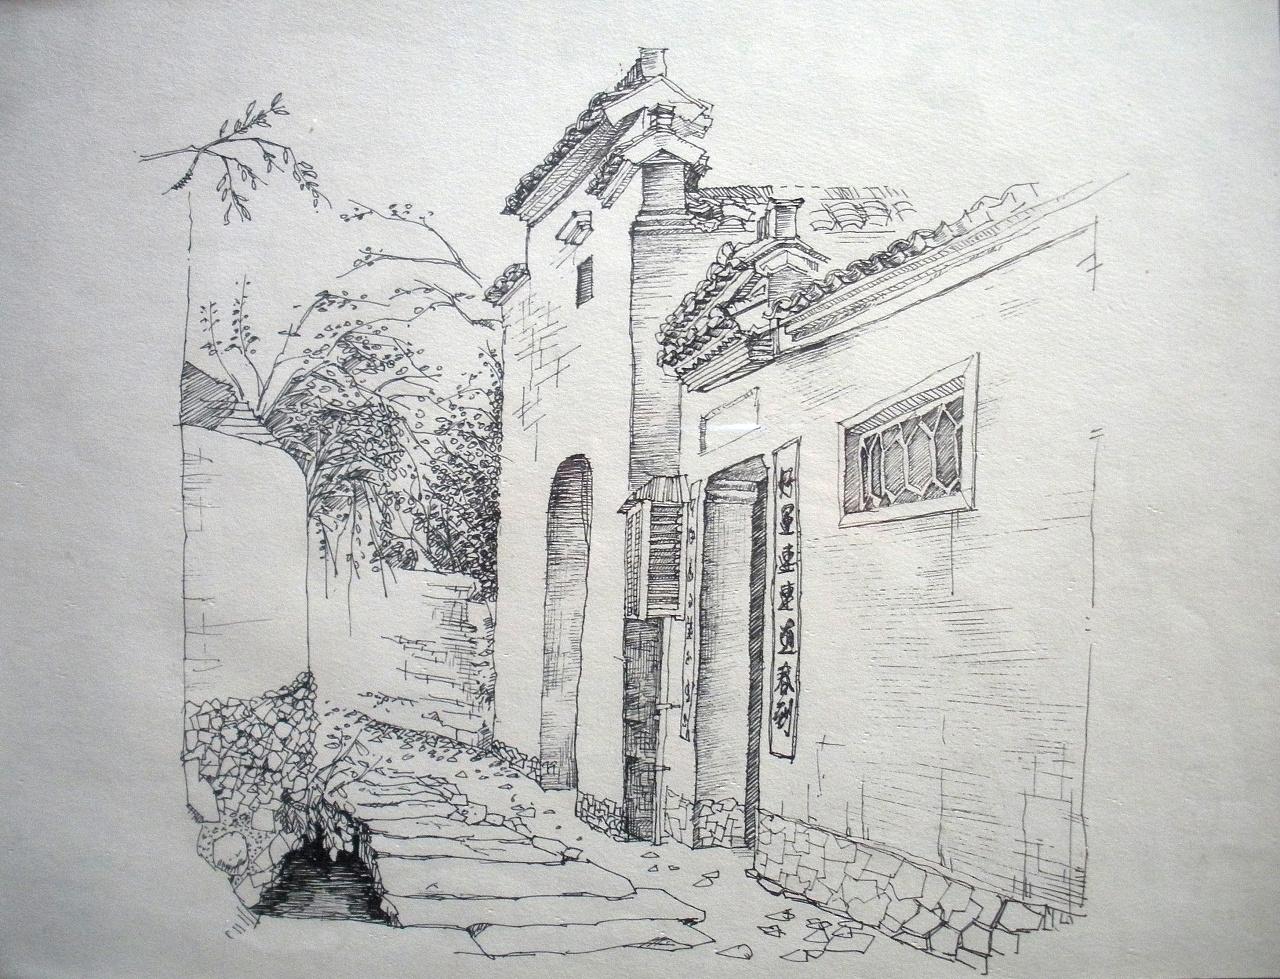 西递宏村速写_大二安徽写生时的几张风景速写|纯艺术|速写|欢子_纯手绘 - 原创 ...